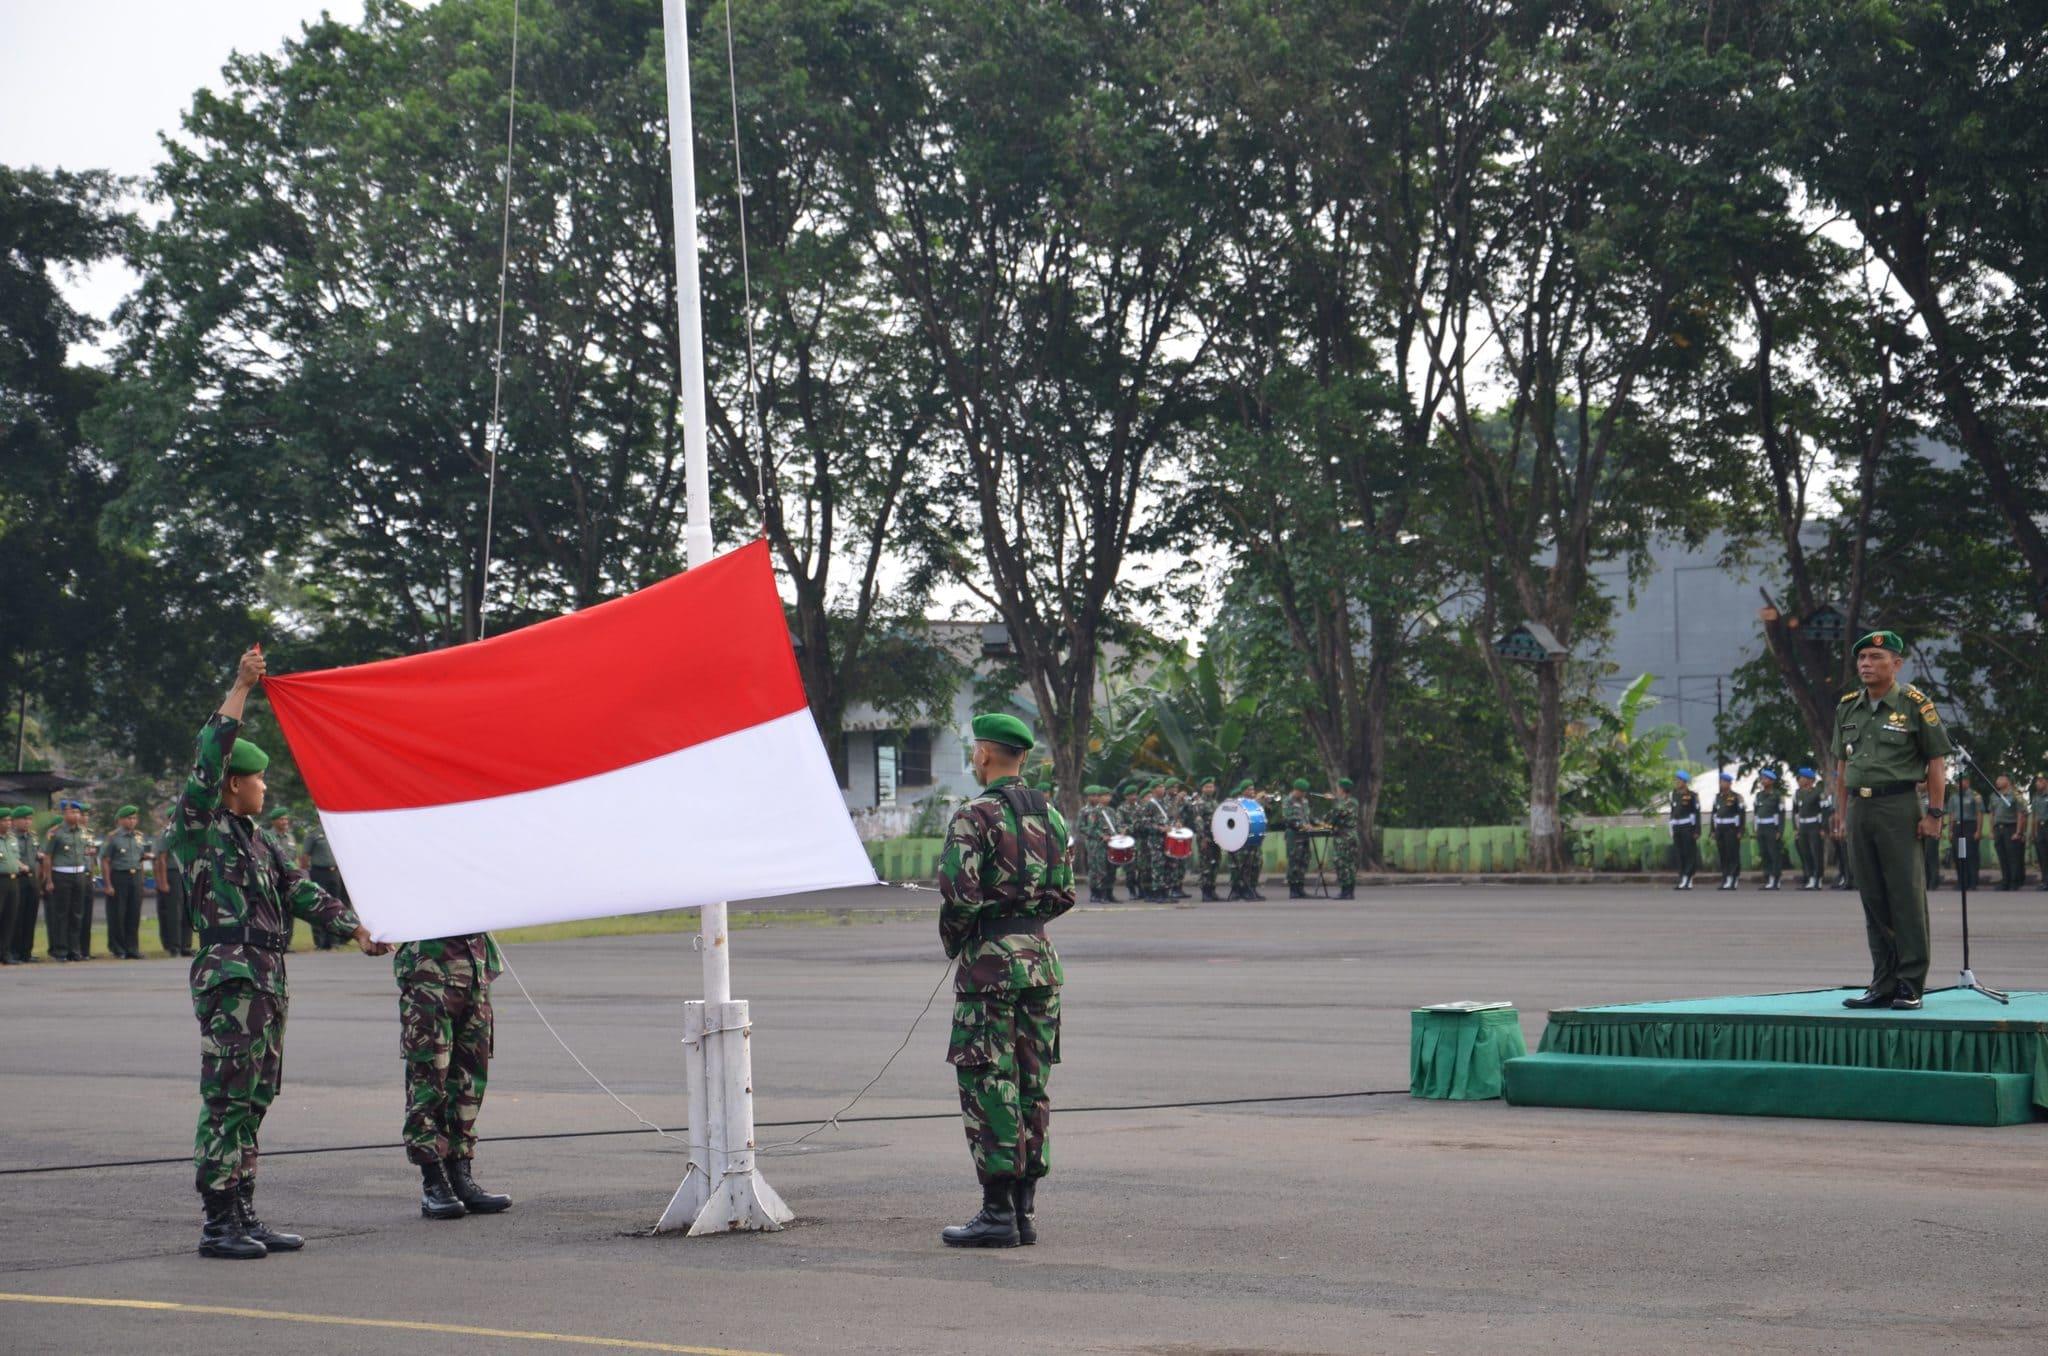 PANGLIMA TNI : BINA BUDAYA BERSEMANGAT DAN IKHLAS DALAM SETIAP PELAKSANAAN TUGAS